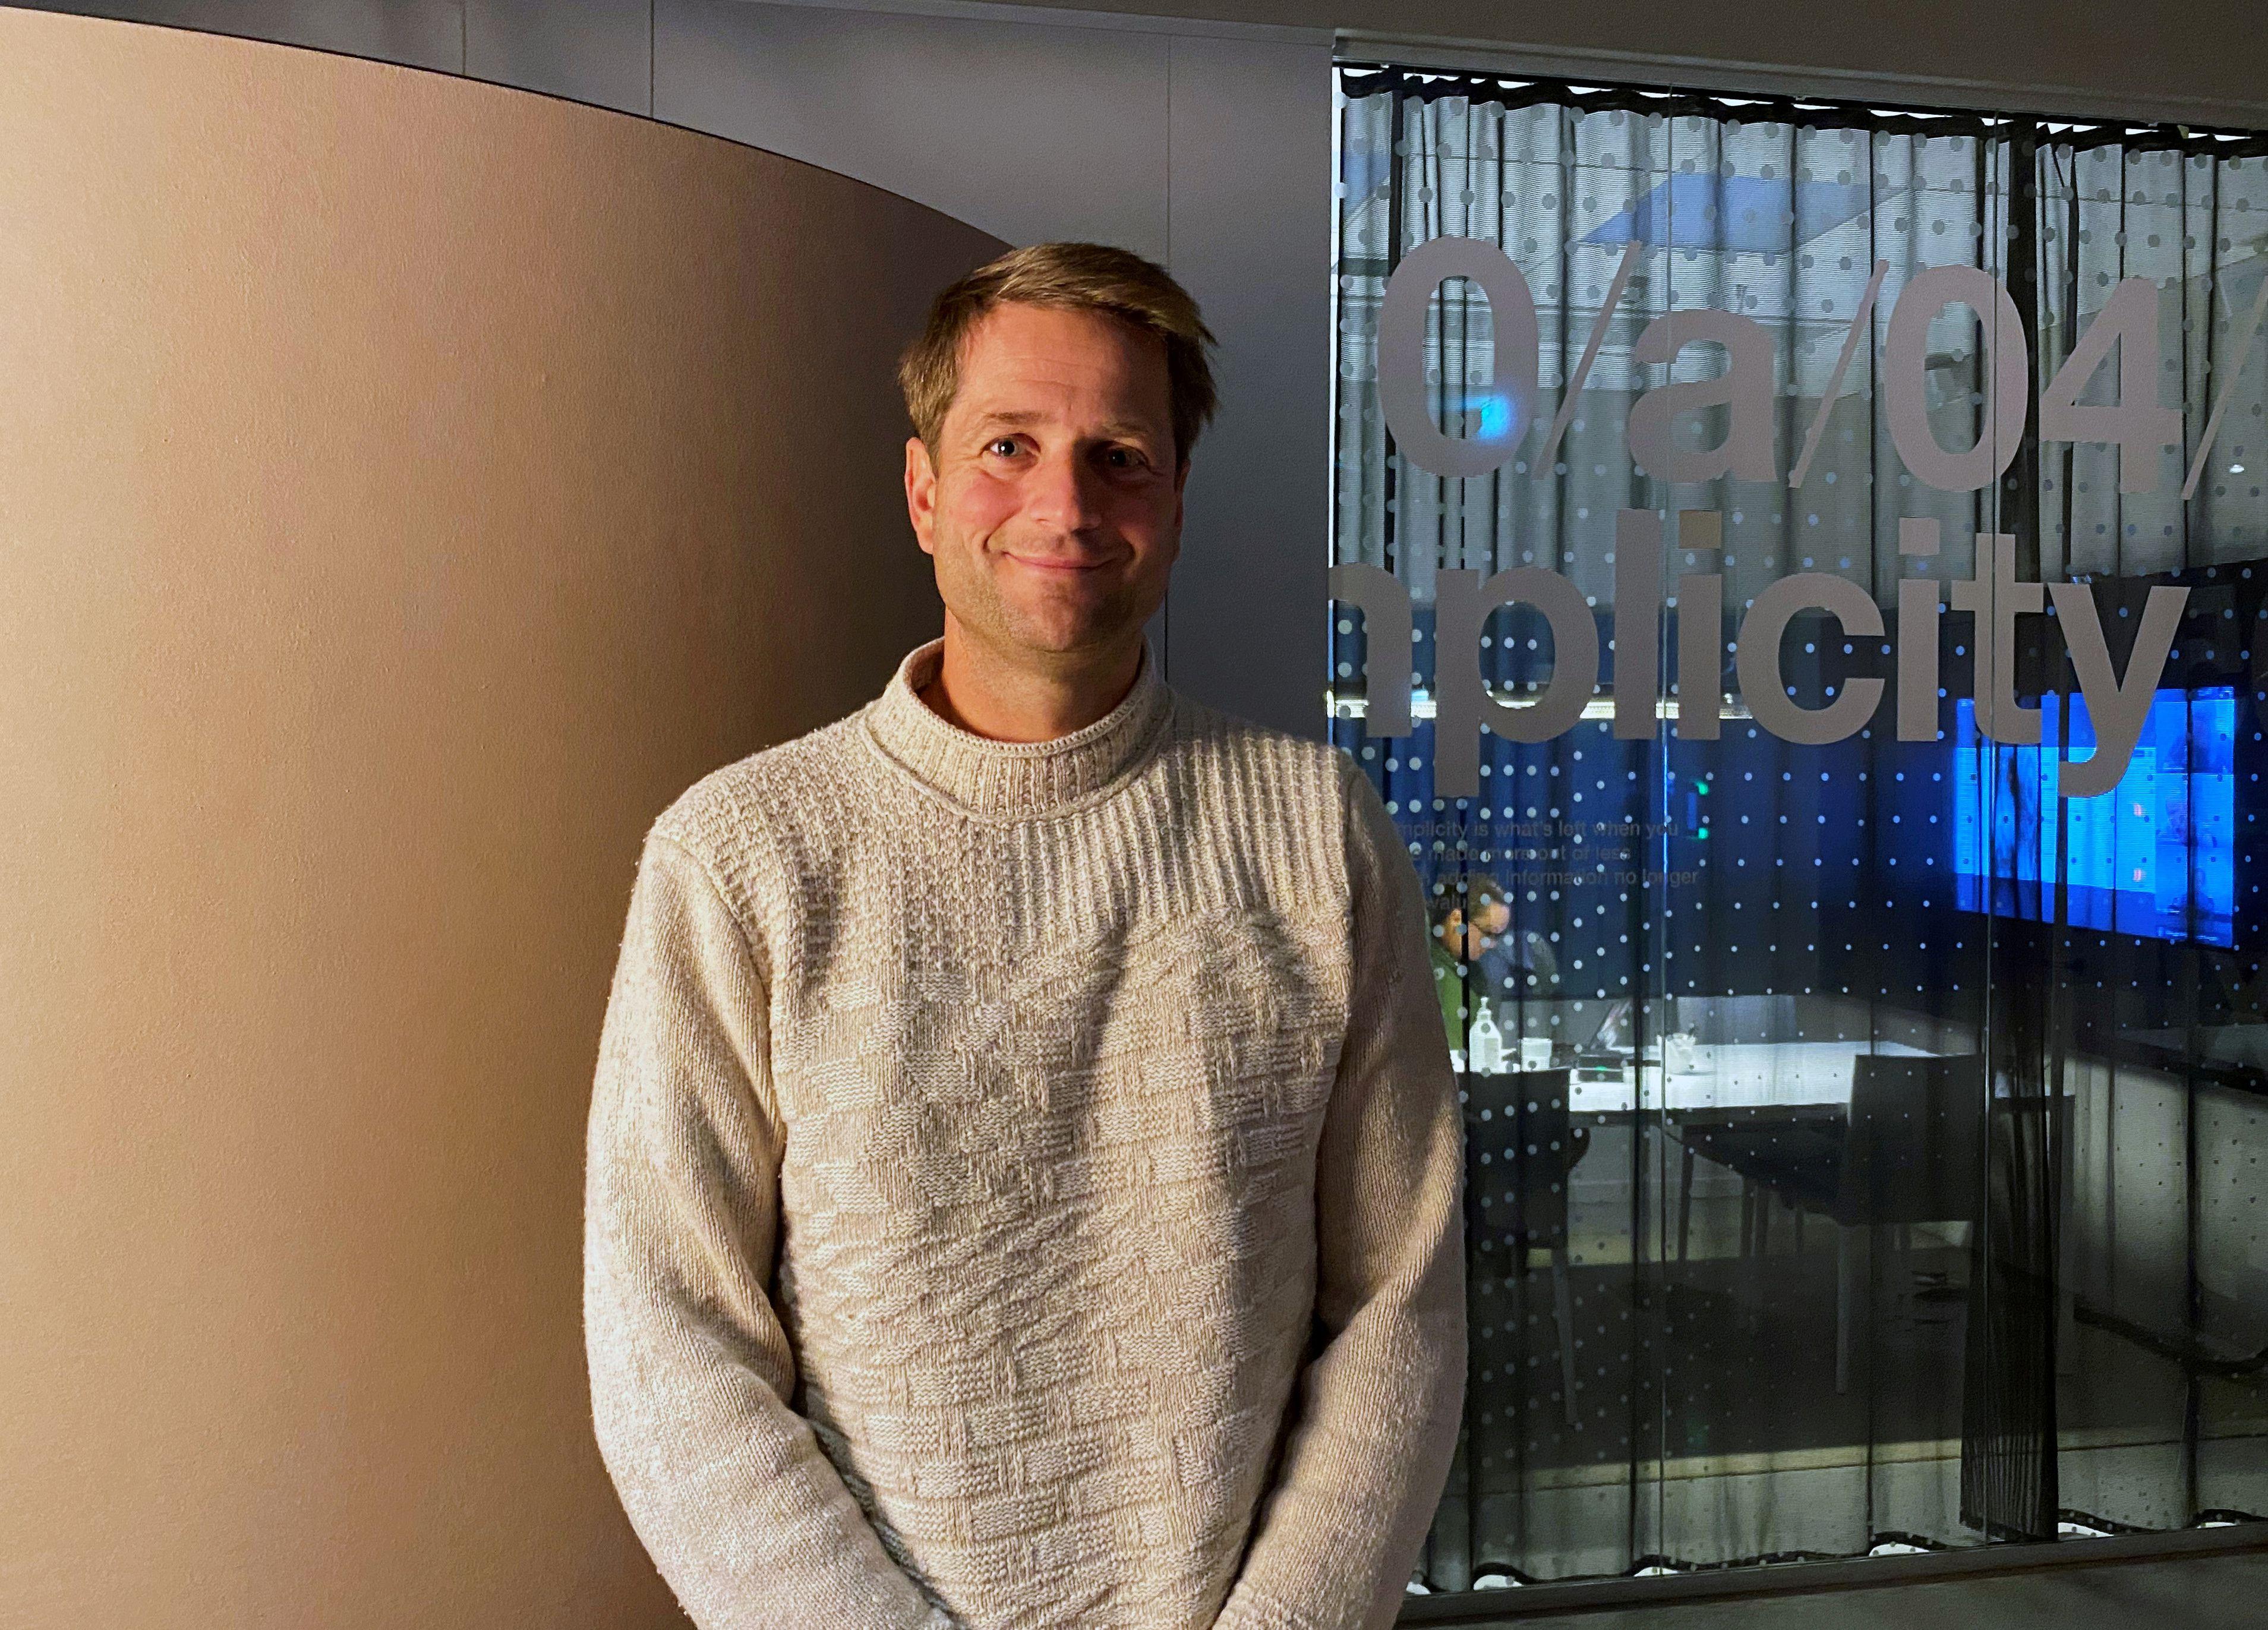 Sebastian Siemiatkowski,. fundador y CEO de Klarna, una de las diez más grandes fintech de Europa, en su oficina en Estocolmo REUTERS/Supantha Mukherjee/File Photo